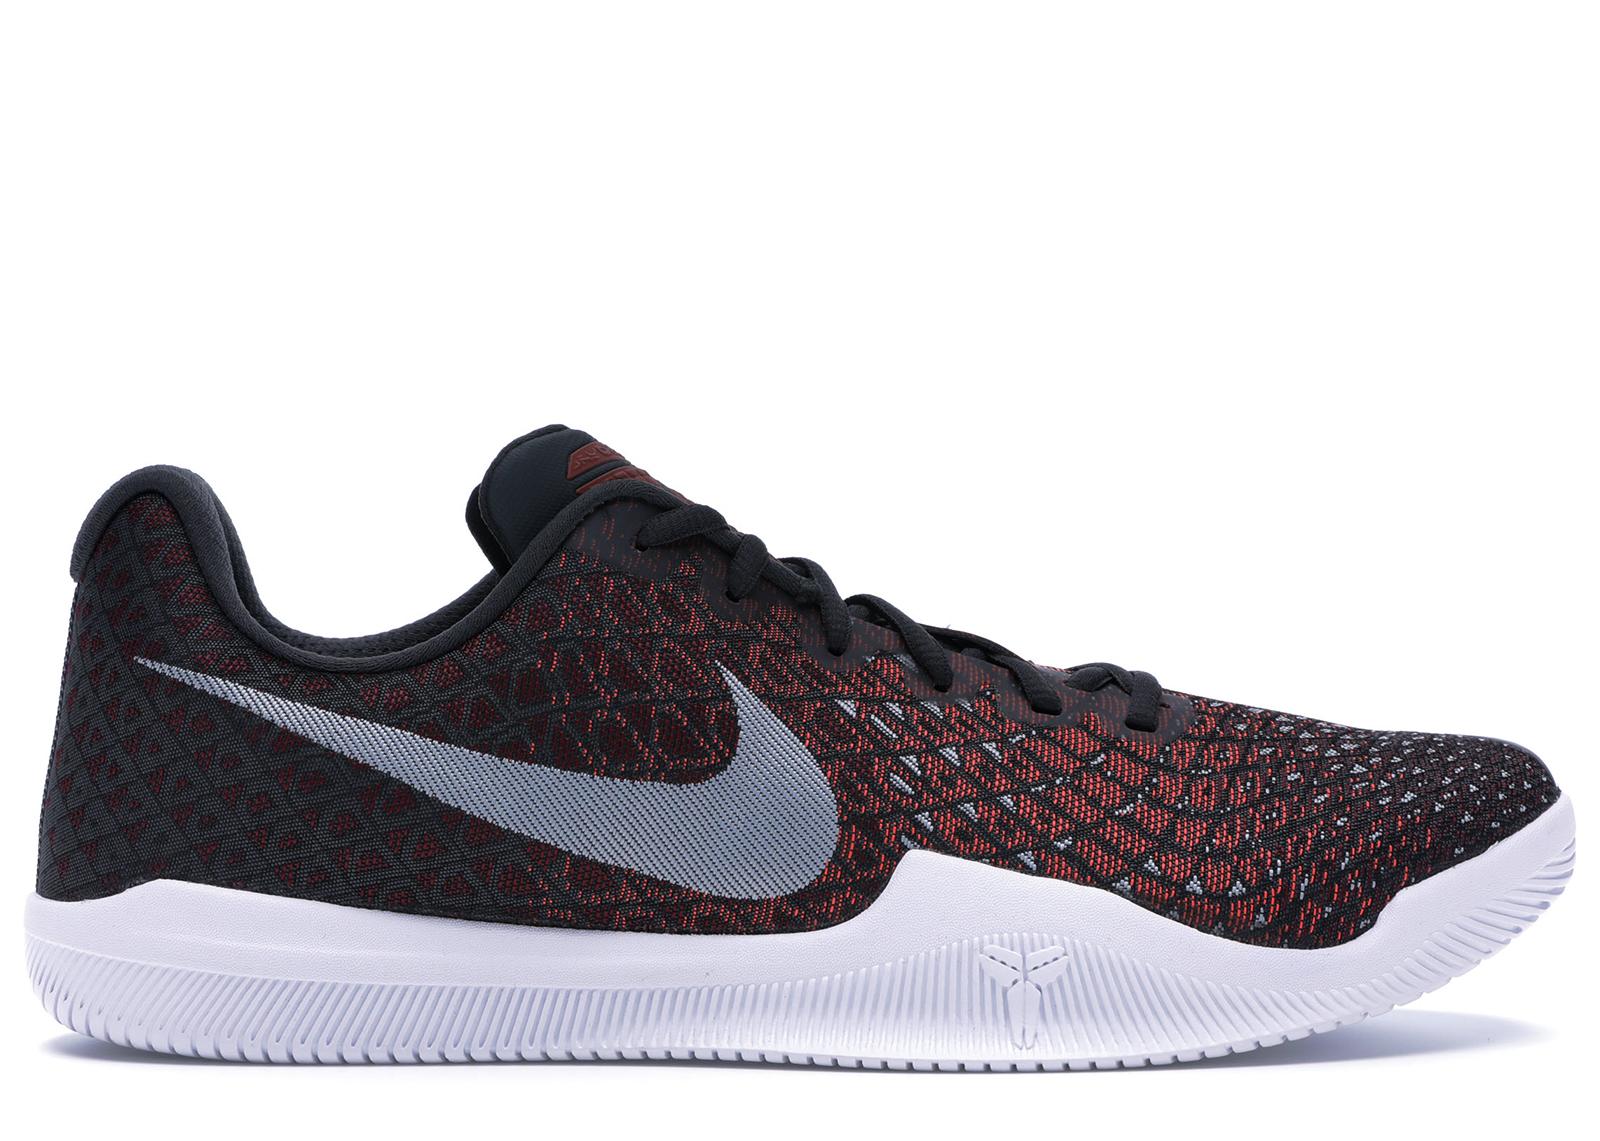 Nike Mamba Instinct Anthracite Black - 852473-006